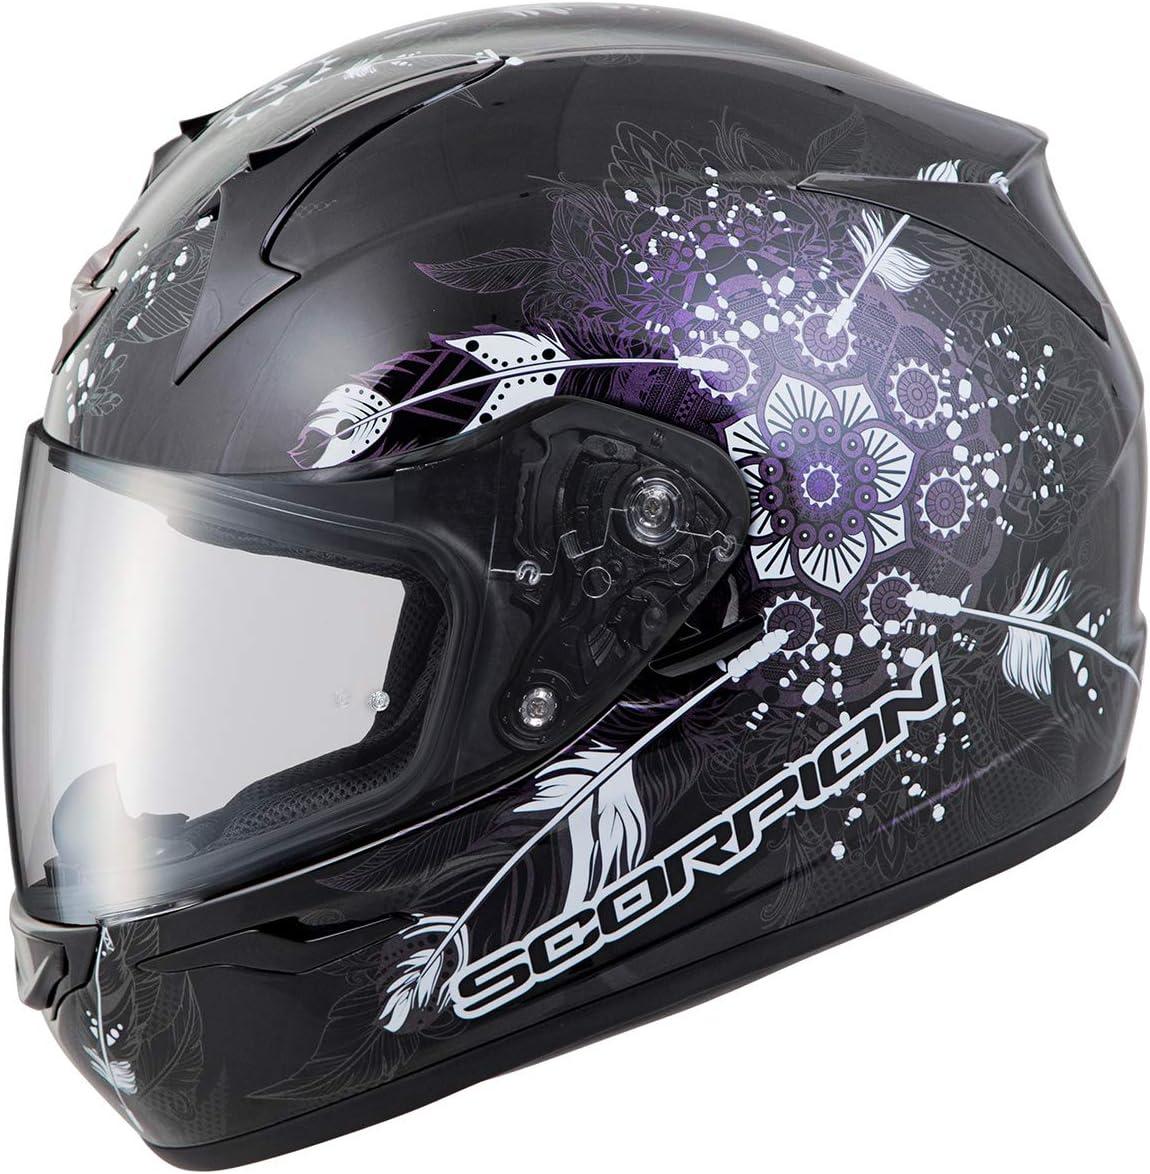 蝎子R320头盔